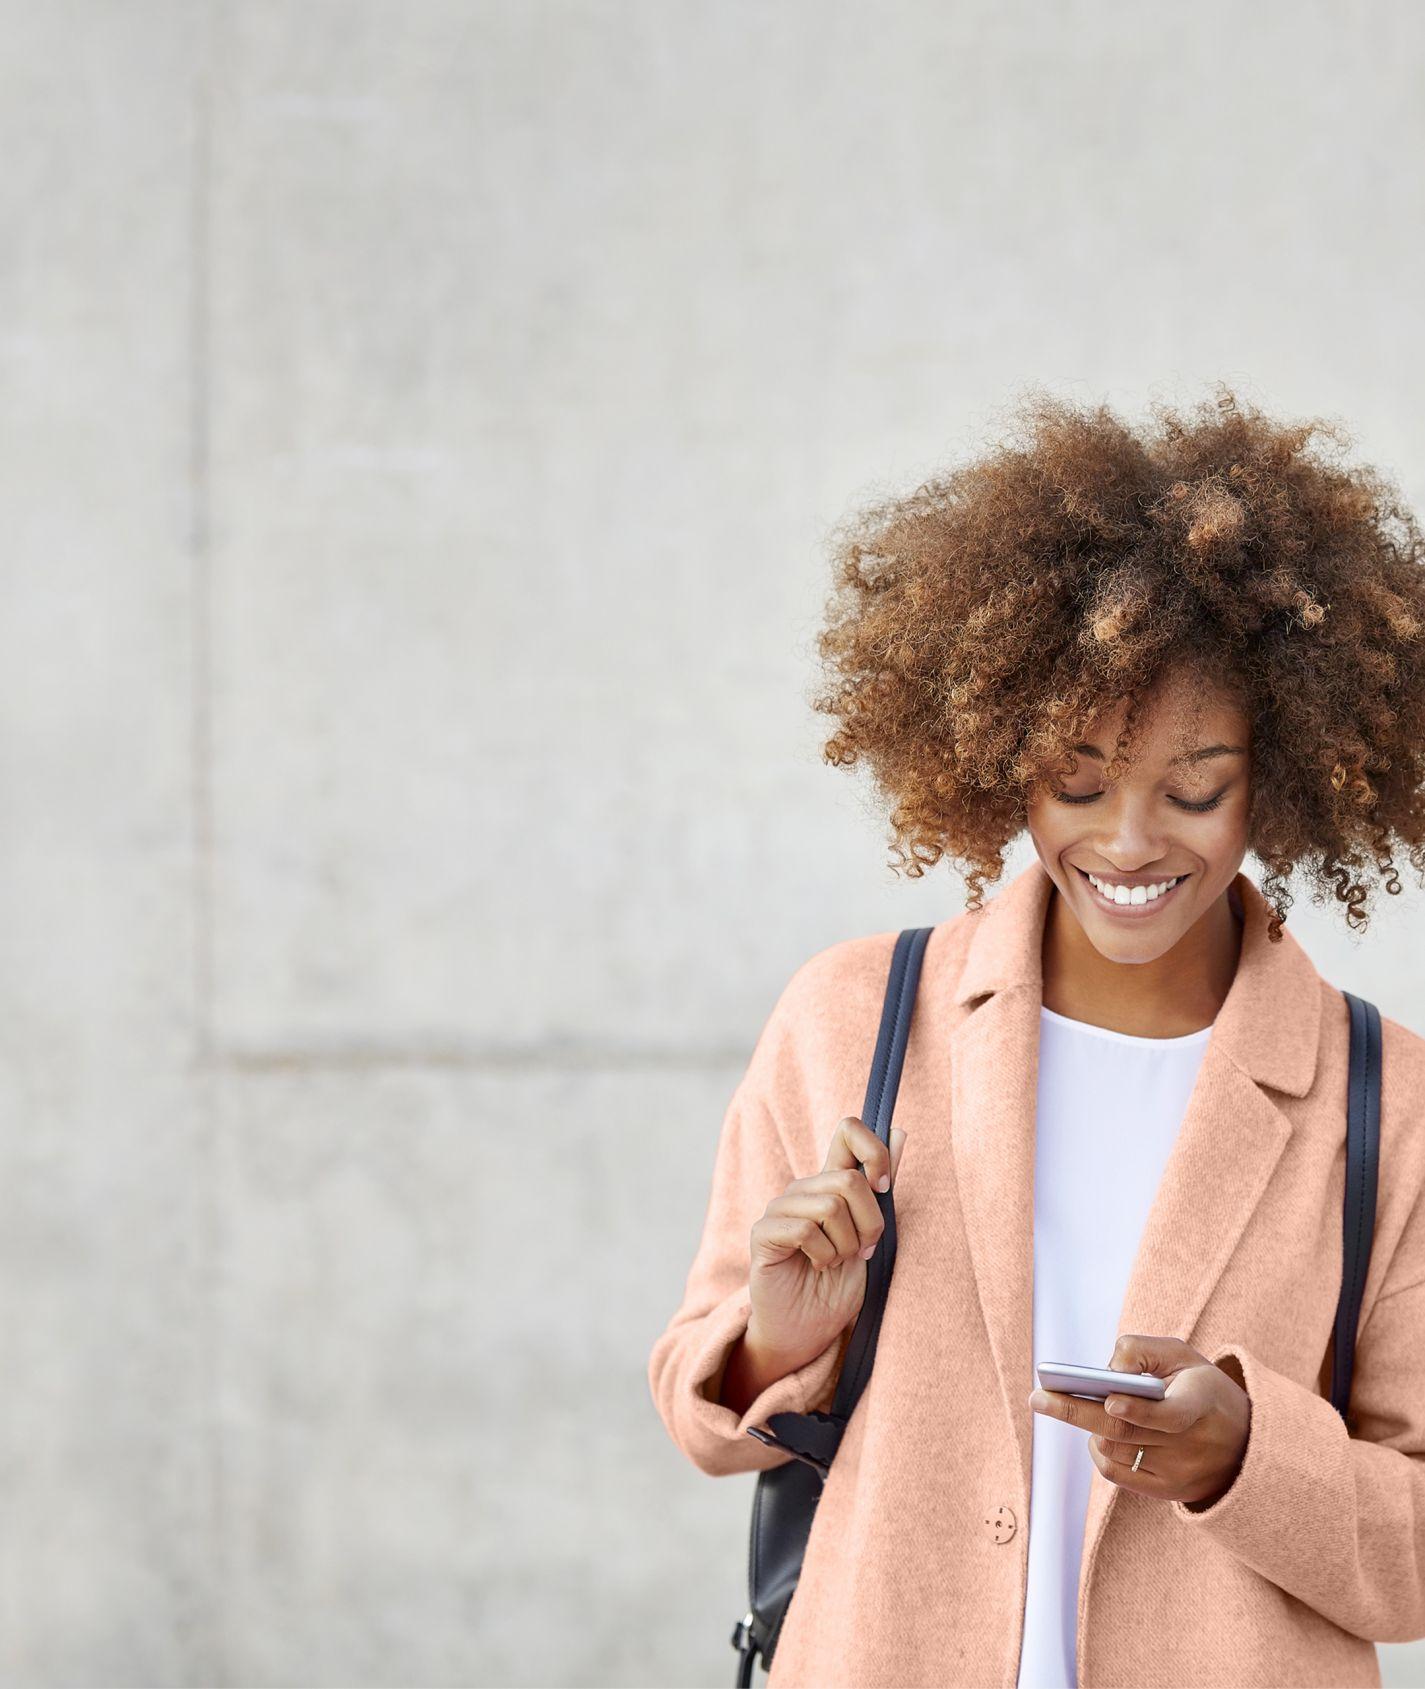 junge Frau mit peachfarbenden Mantel schaut lächelnd auf ihr Handy